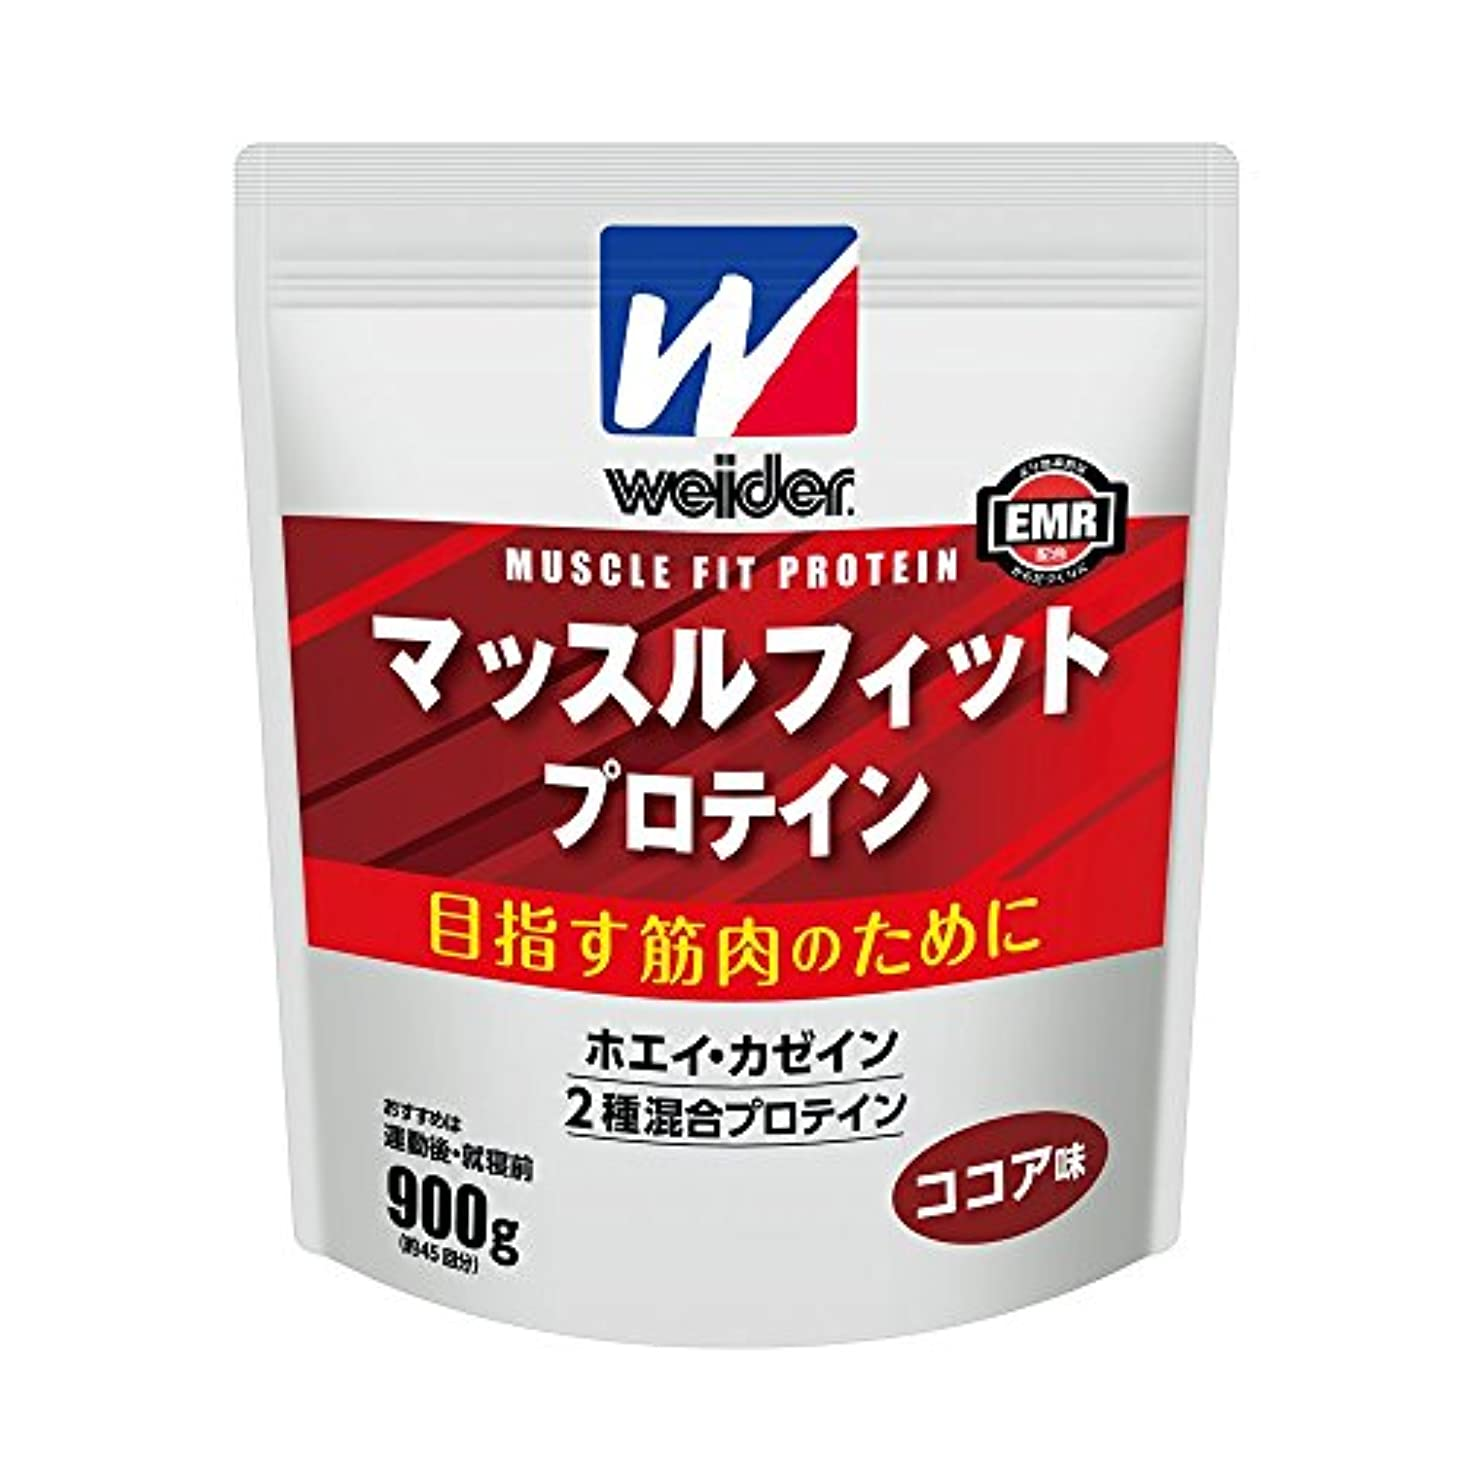 従来の印象的な詐欺師ウイダー マッスルフィットプロテイン ココア味 900g (約45回分) ホエイ・カゼイン 2種混合ハイブリッドプロテイン 特許成分EMR配合